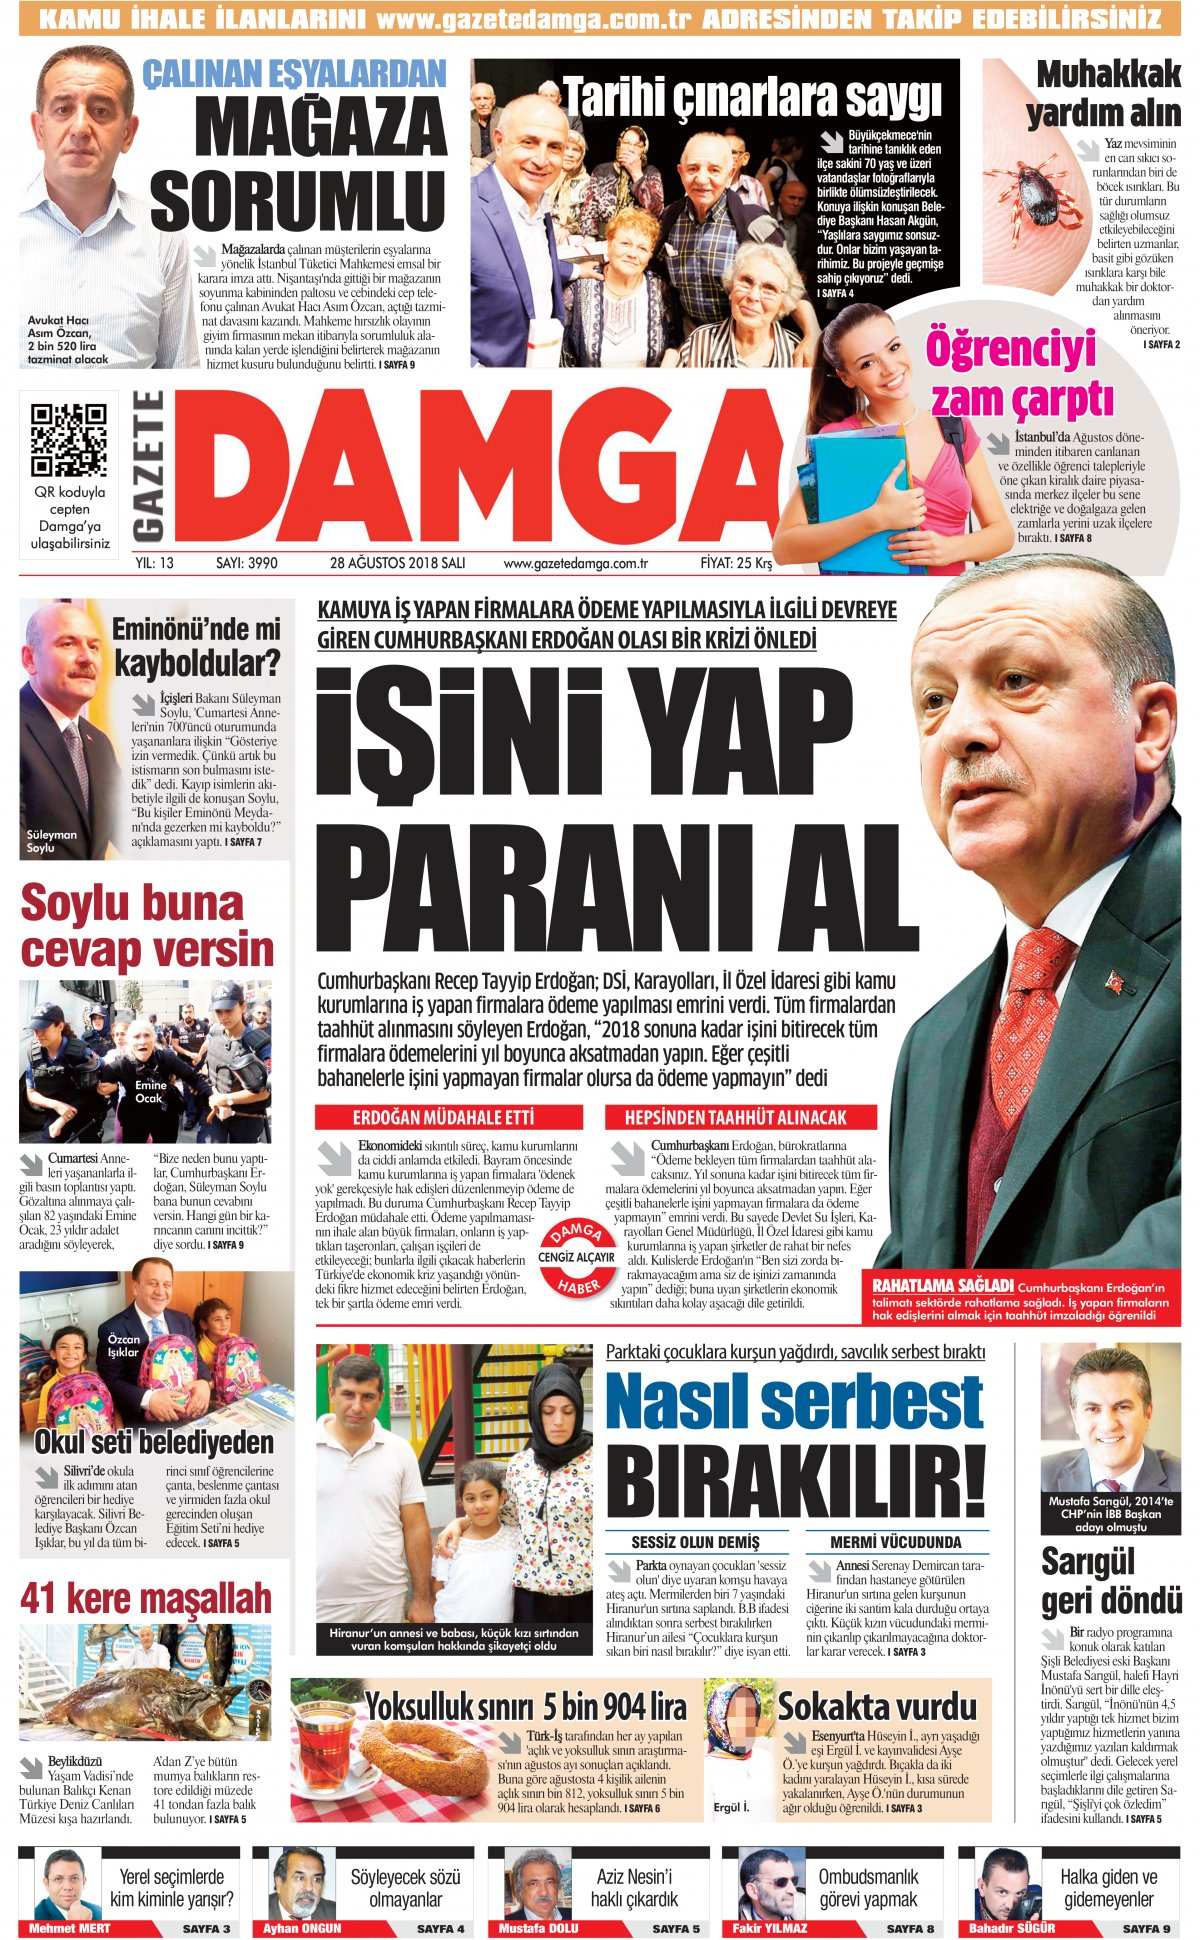 Gazete Damga - 28.08.2018 Manşeti